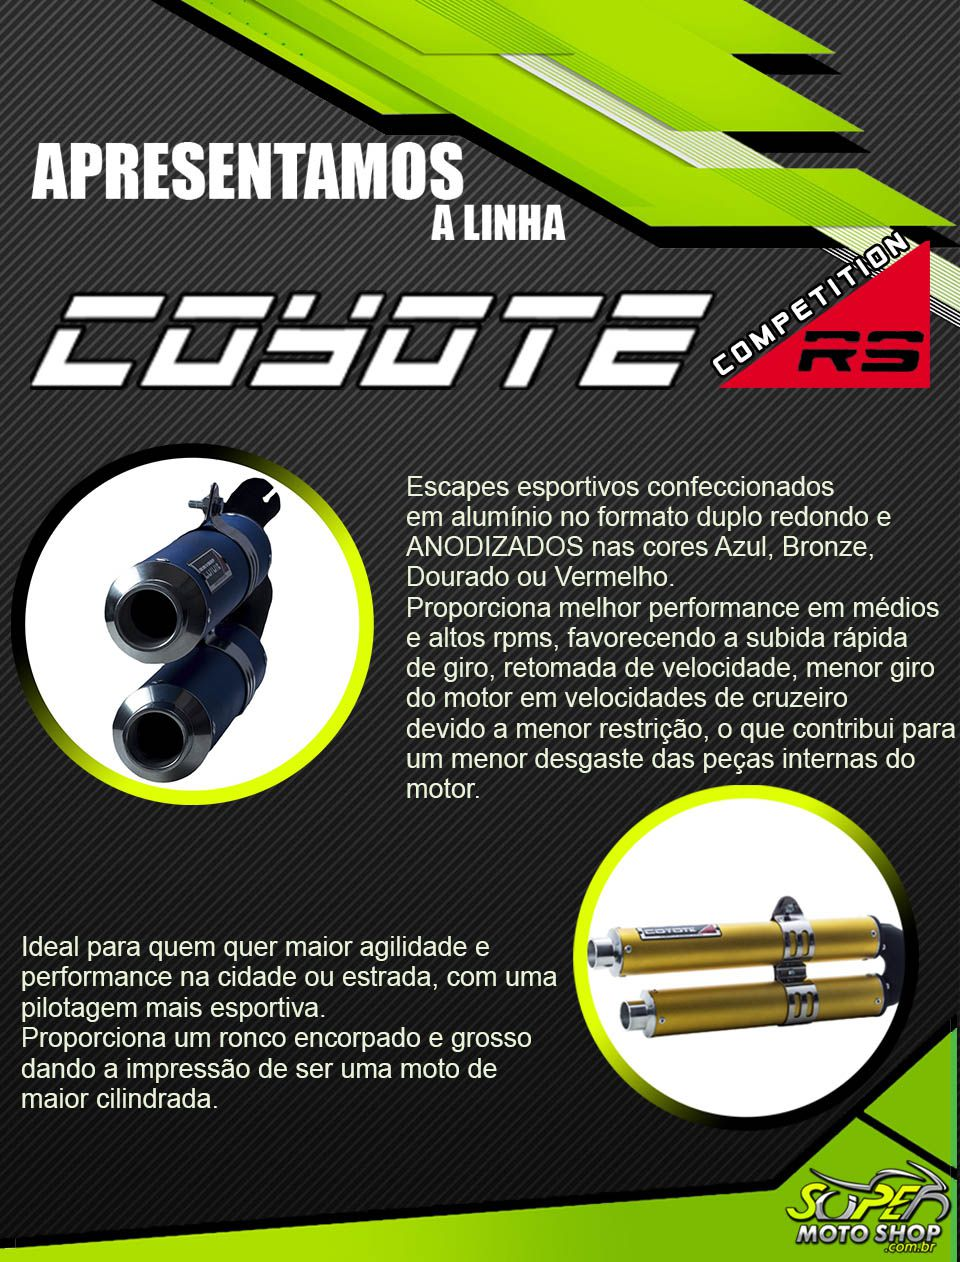 Escape / Ponteira Coyote Competition Duplo em Alumínio Colorido (Anodizado) - Tornado XR 250 ano 2007/2008 - Honda